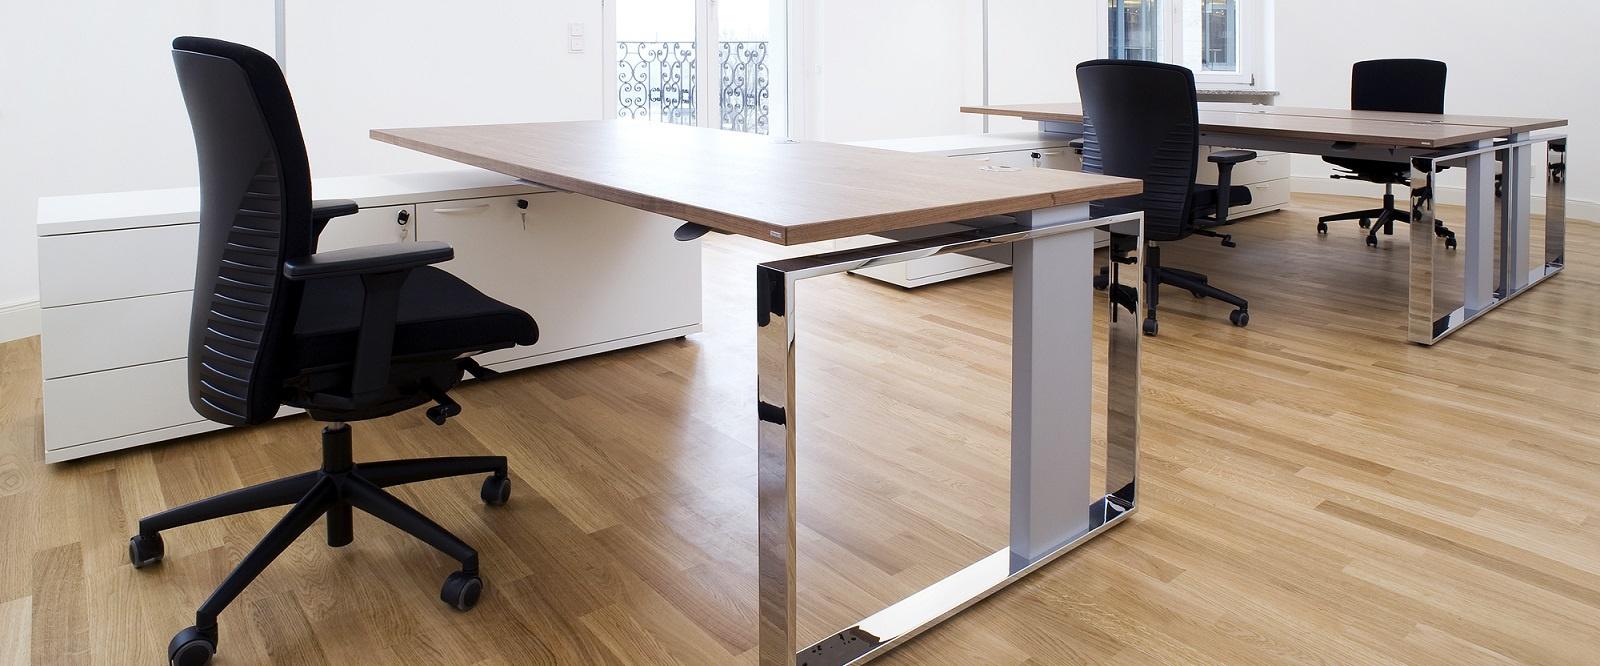 Ergonomische Büromöbel Hamburg Büroplanung Büroeinrichtung | BK